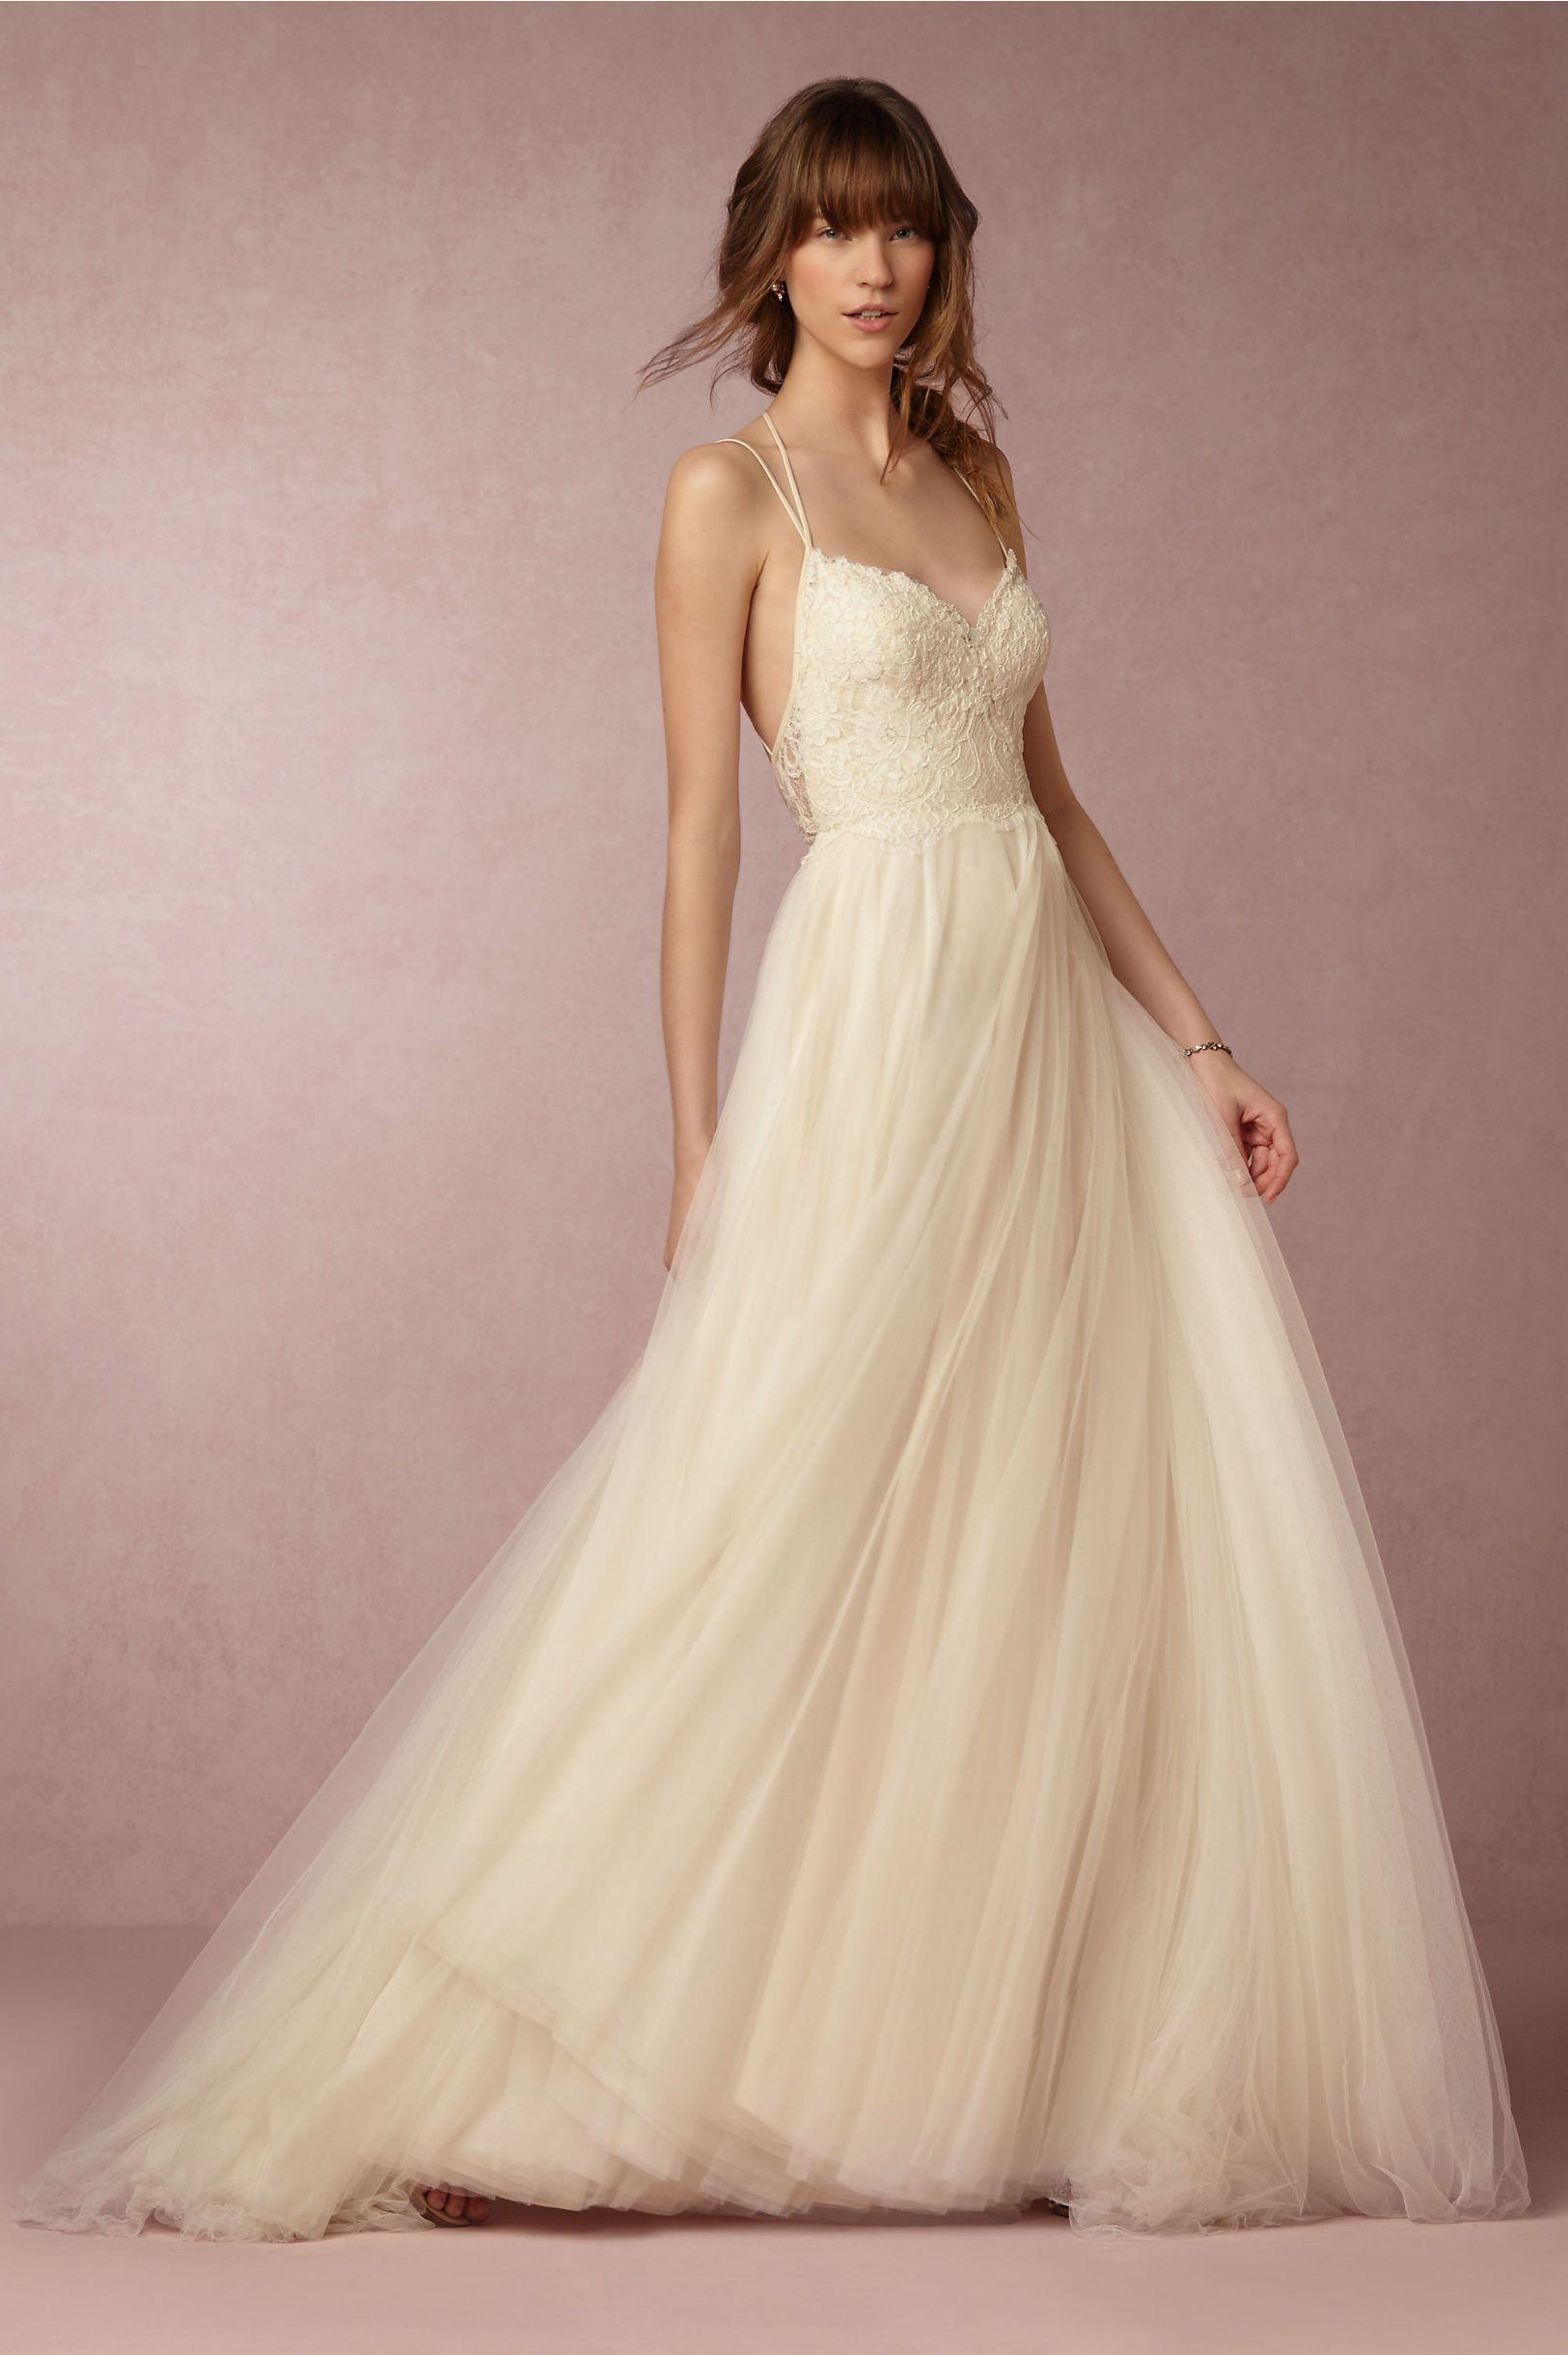 Wünderschönes Brautkleid in Tüll. Eifelbeinweiß. #Brautkleid ...